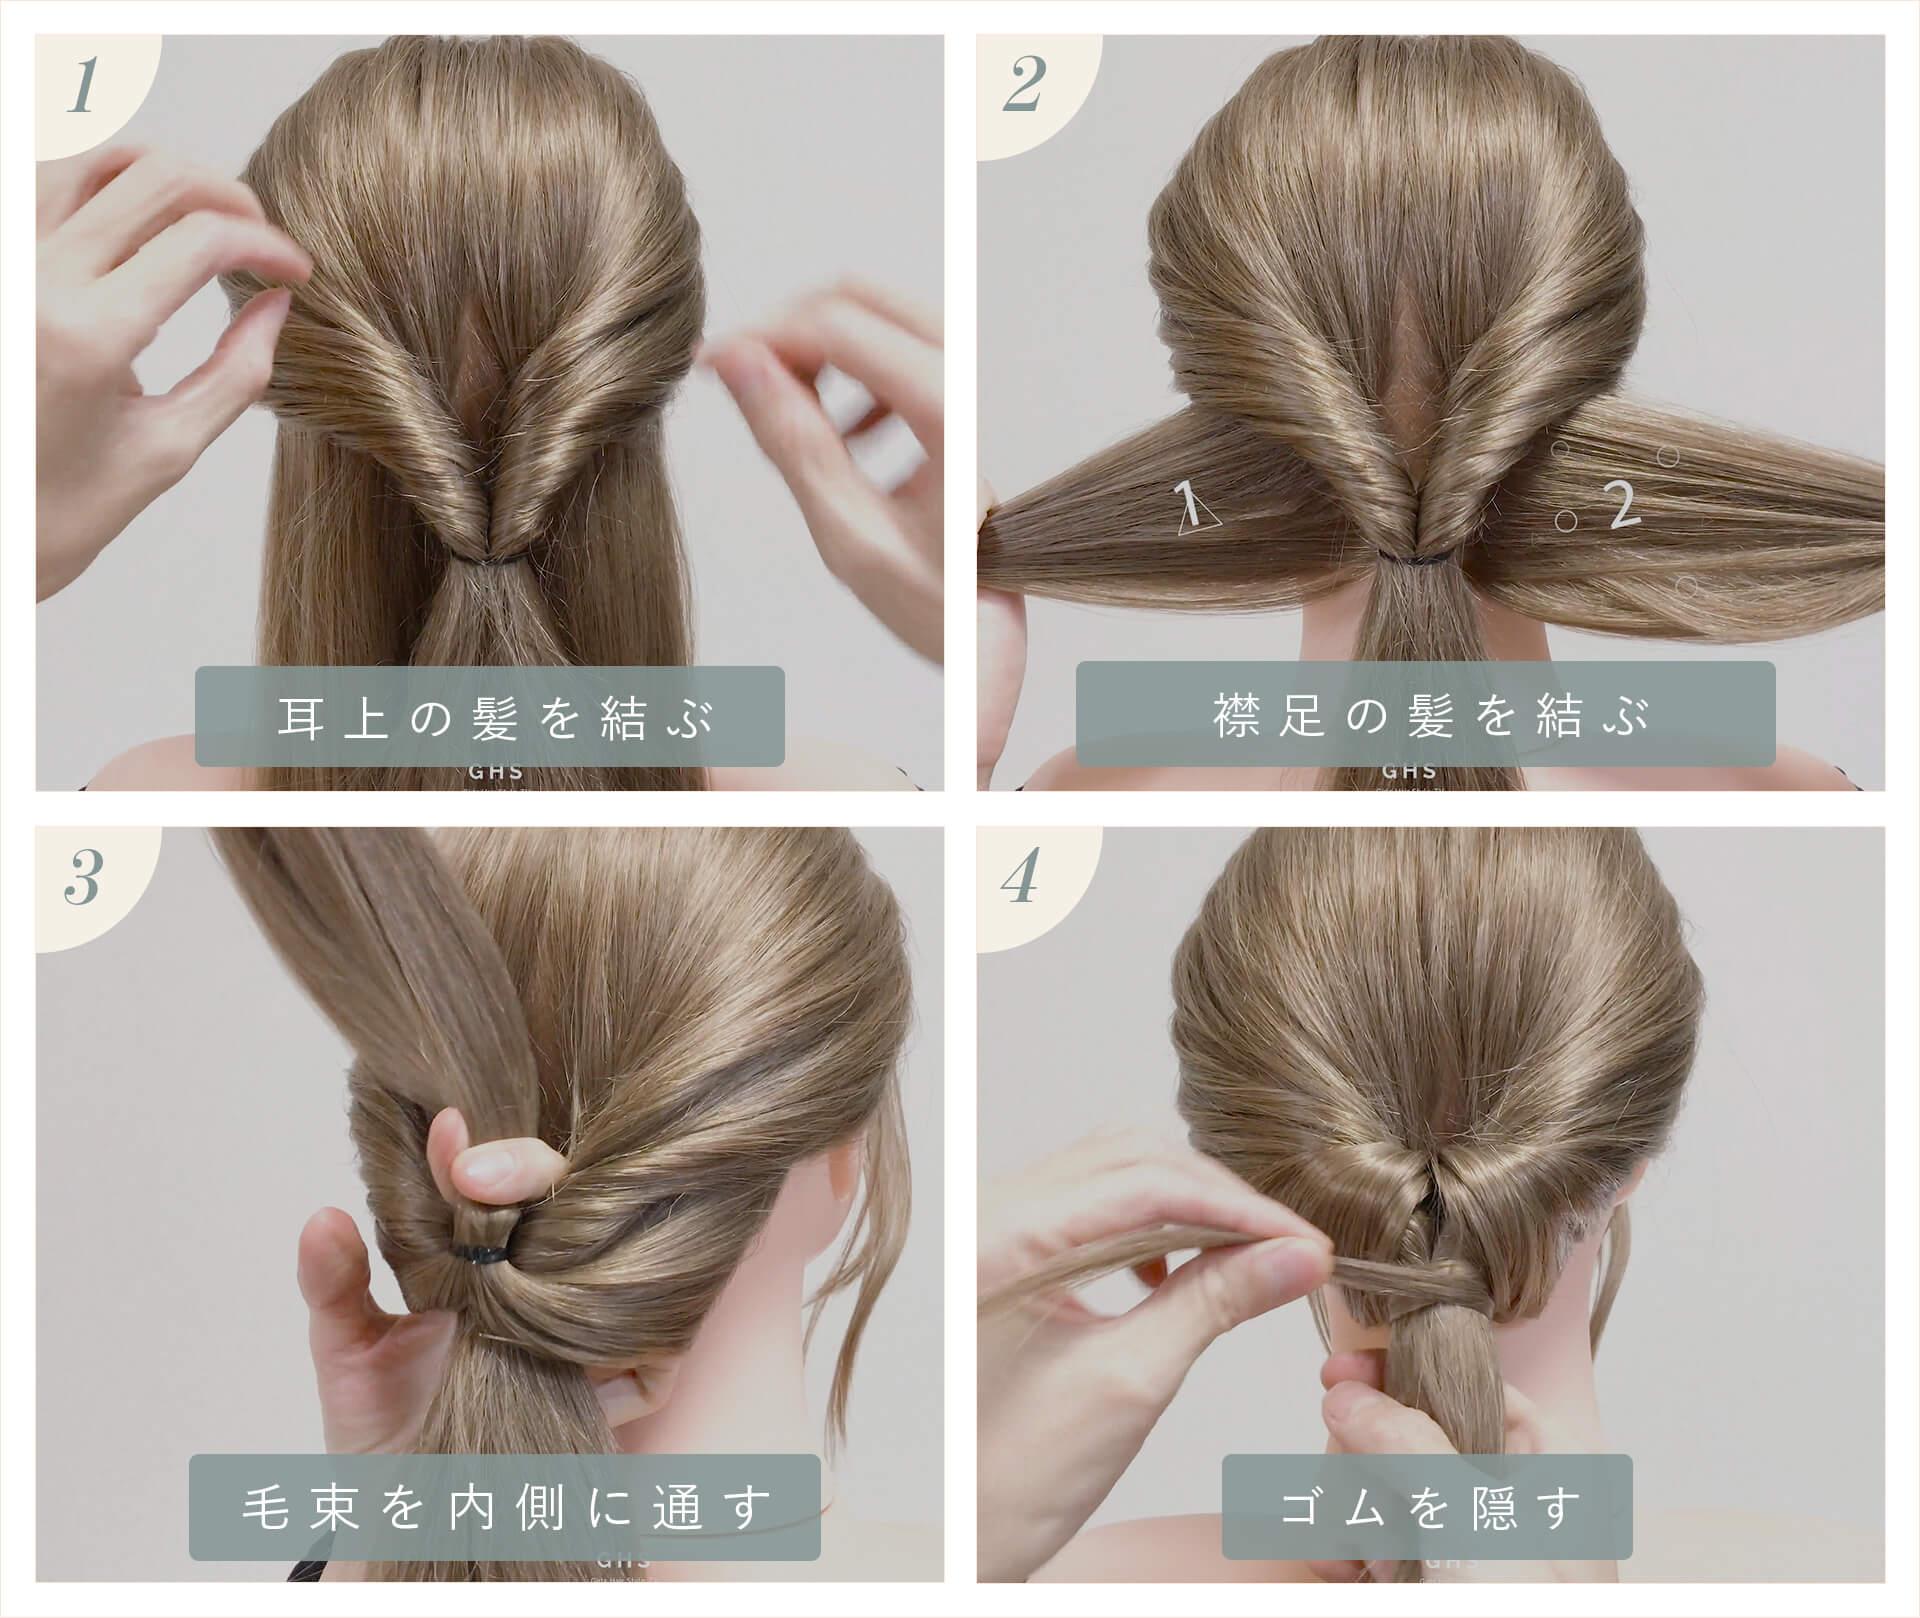 簡単 ストレートヘアアレンジ やり方